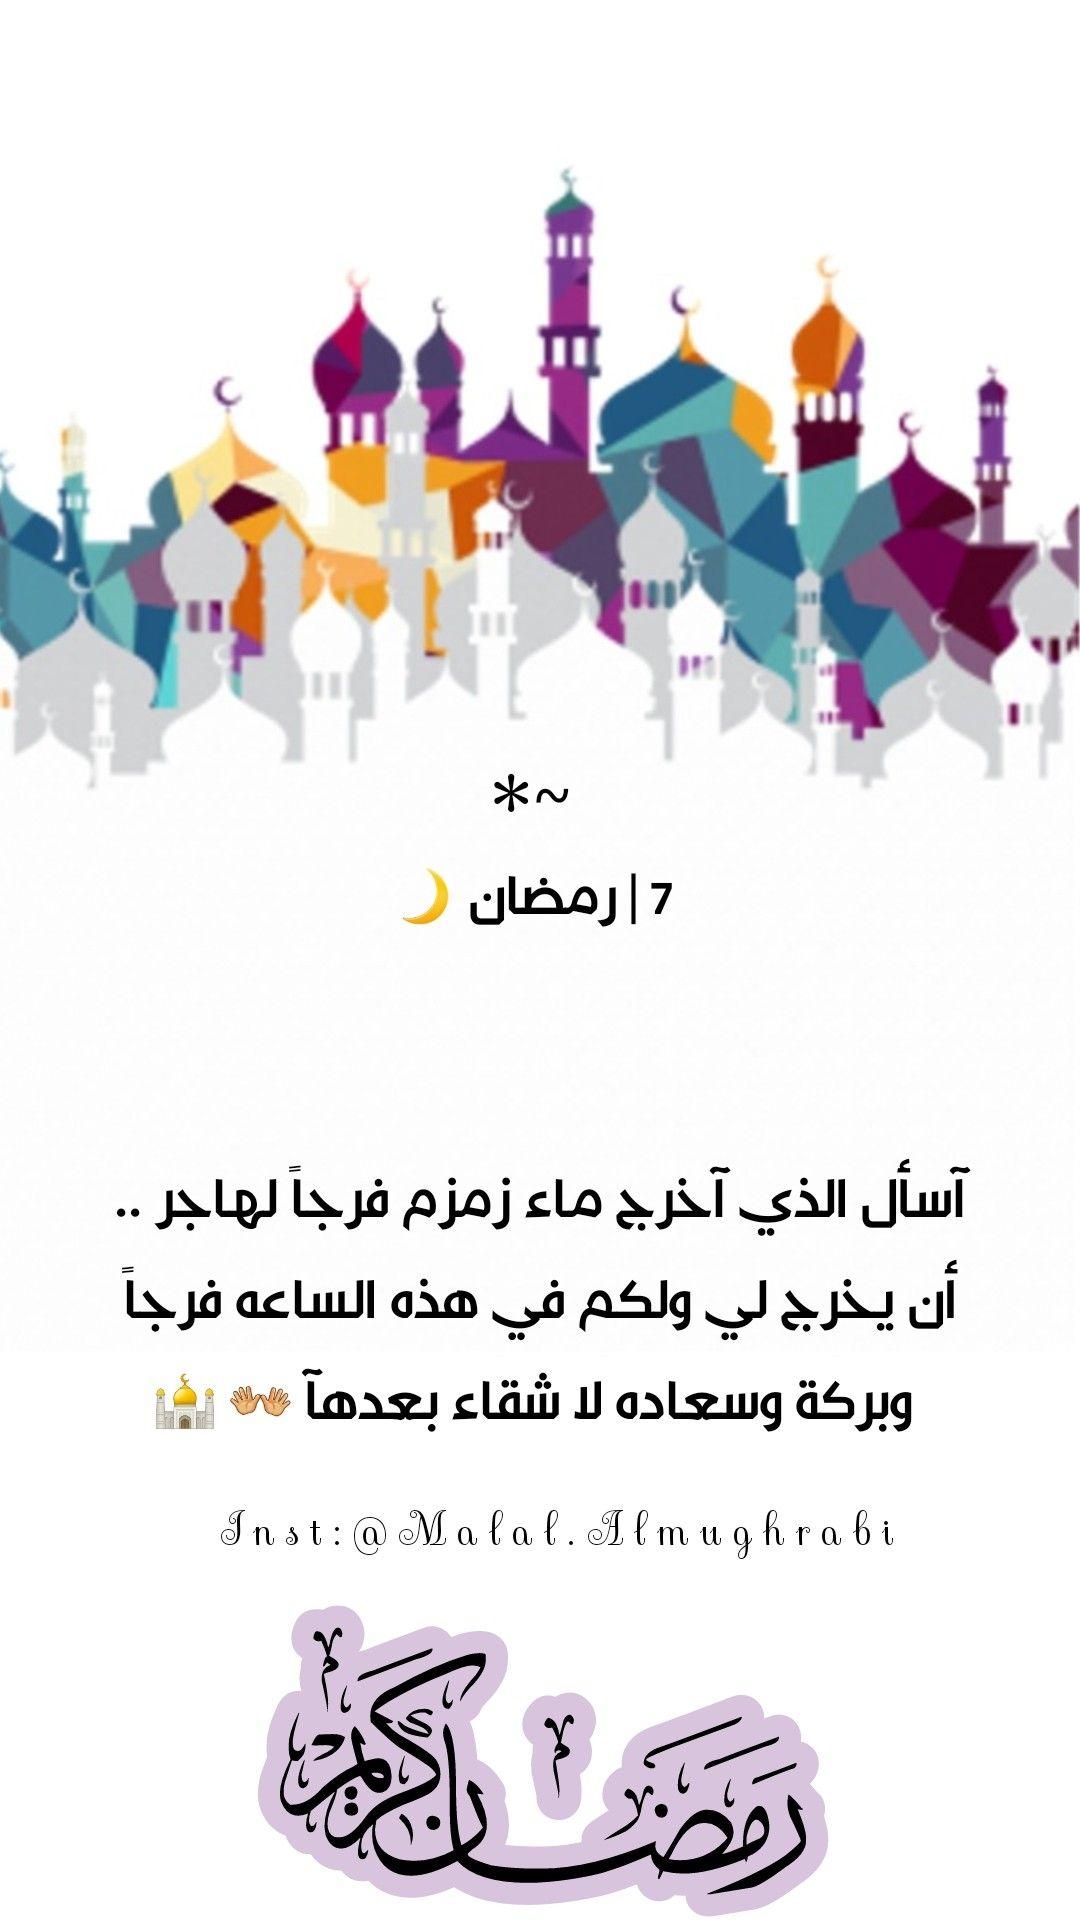 7 رمضان آسأل الذي آخرج ماء زمزم فرجا لهاجر أن يخرج لي ولكم في هذه الساعه فرجا وبركة وسعاده لا شقاء بعدهآ Ramadan Words Quotes Words